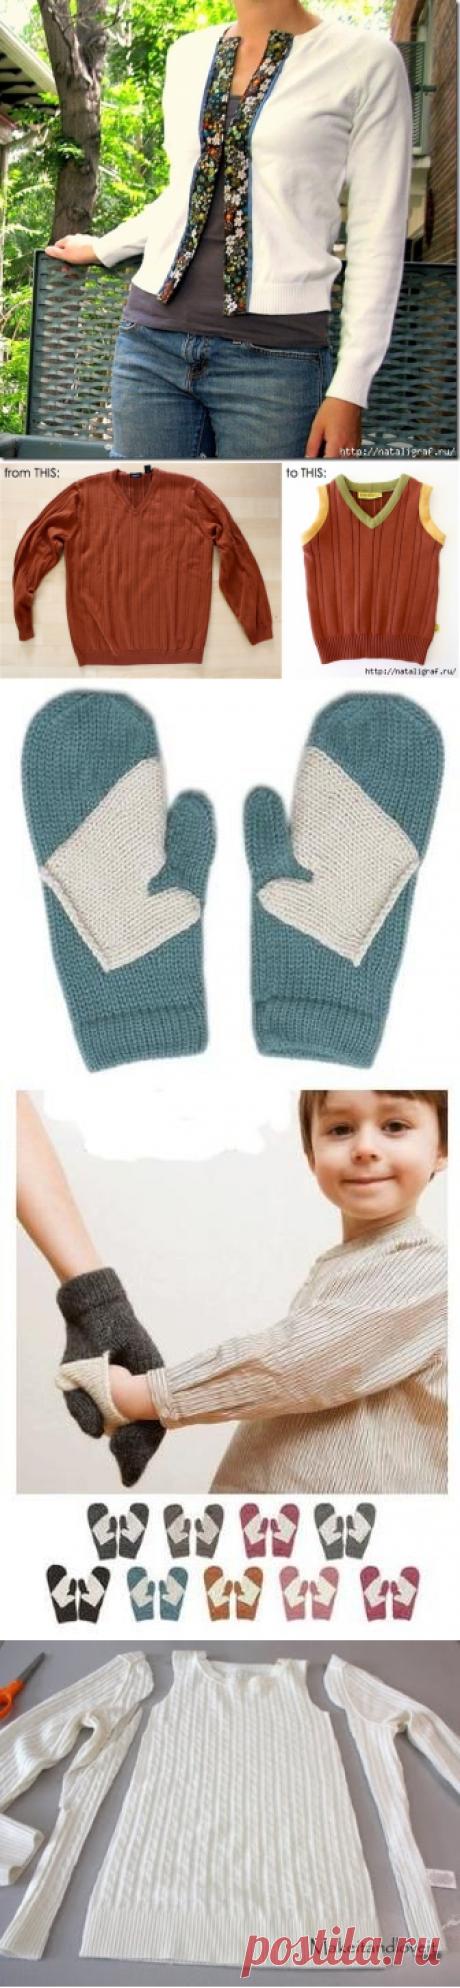 Из состарившихся кофт и свитеров